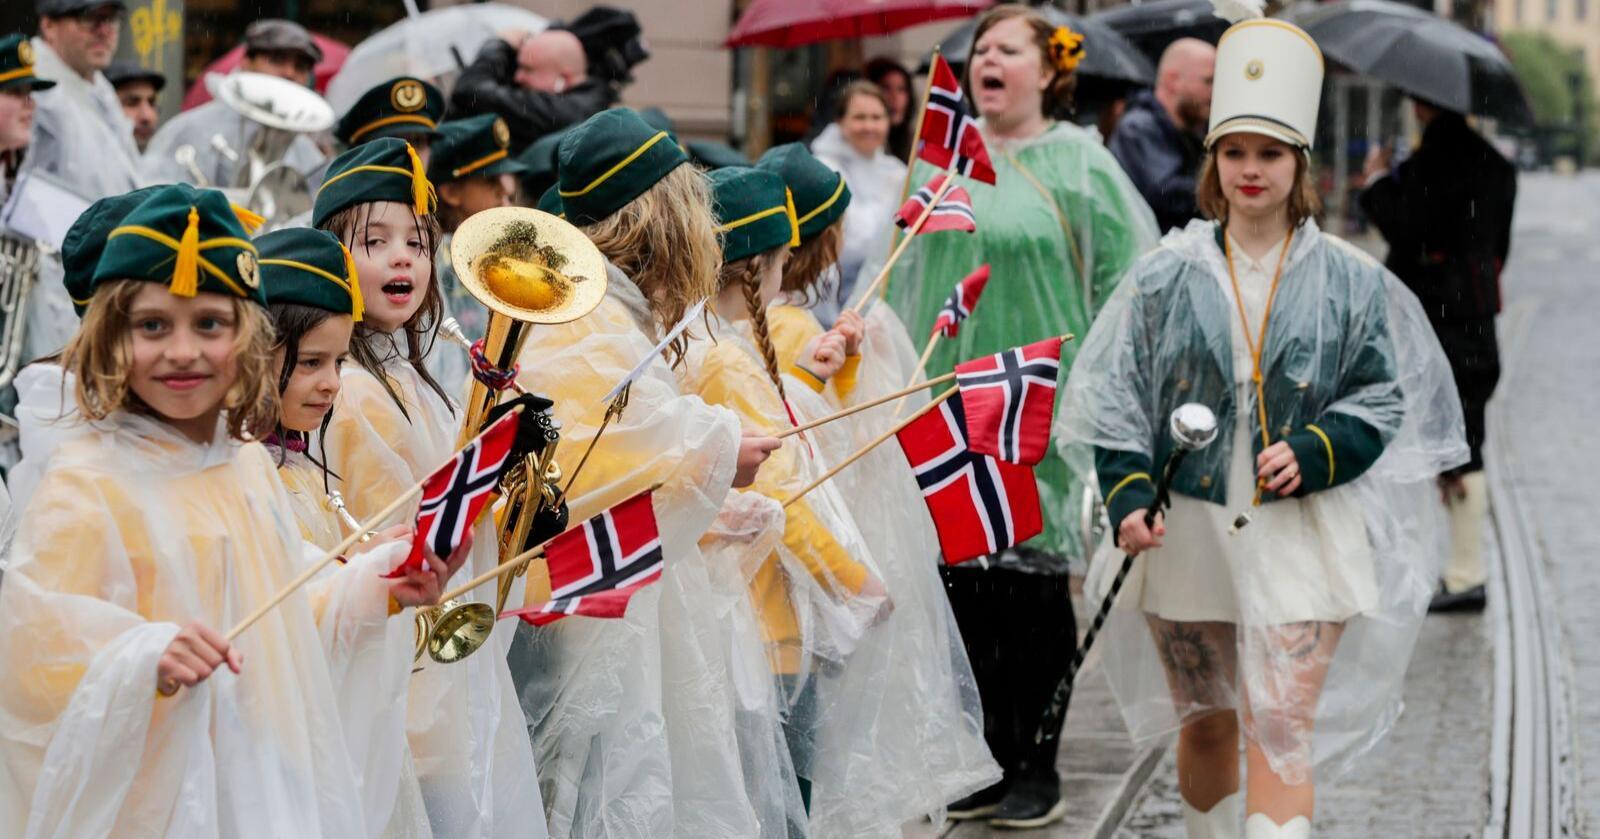 Grünerløkka skolekorps spiller på Birkelunden i Oslo under feiring av nasjonaldagen. Foto: Berit Roald / NTB